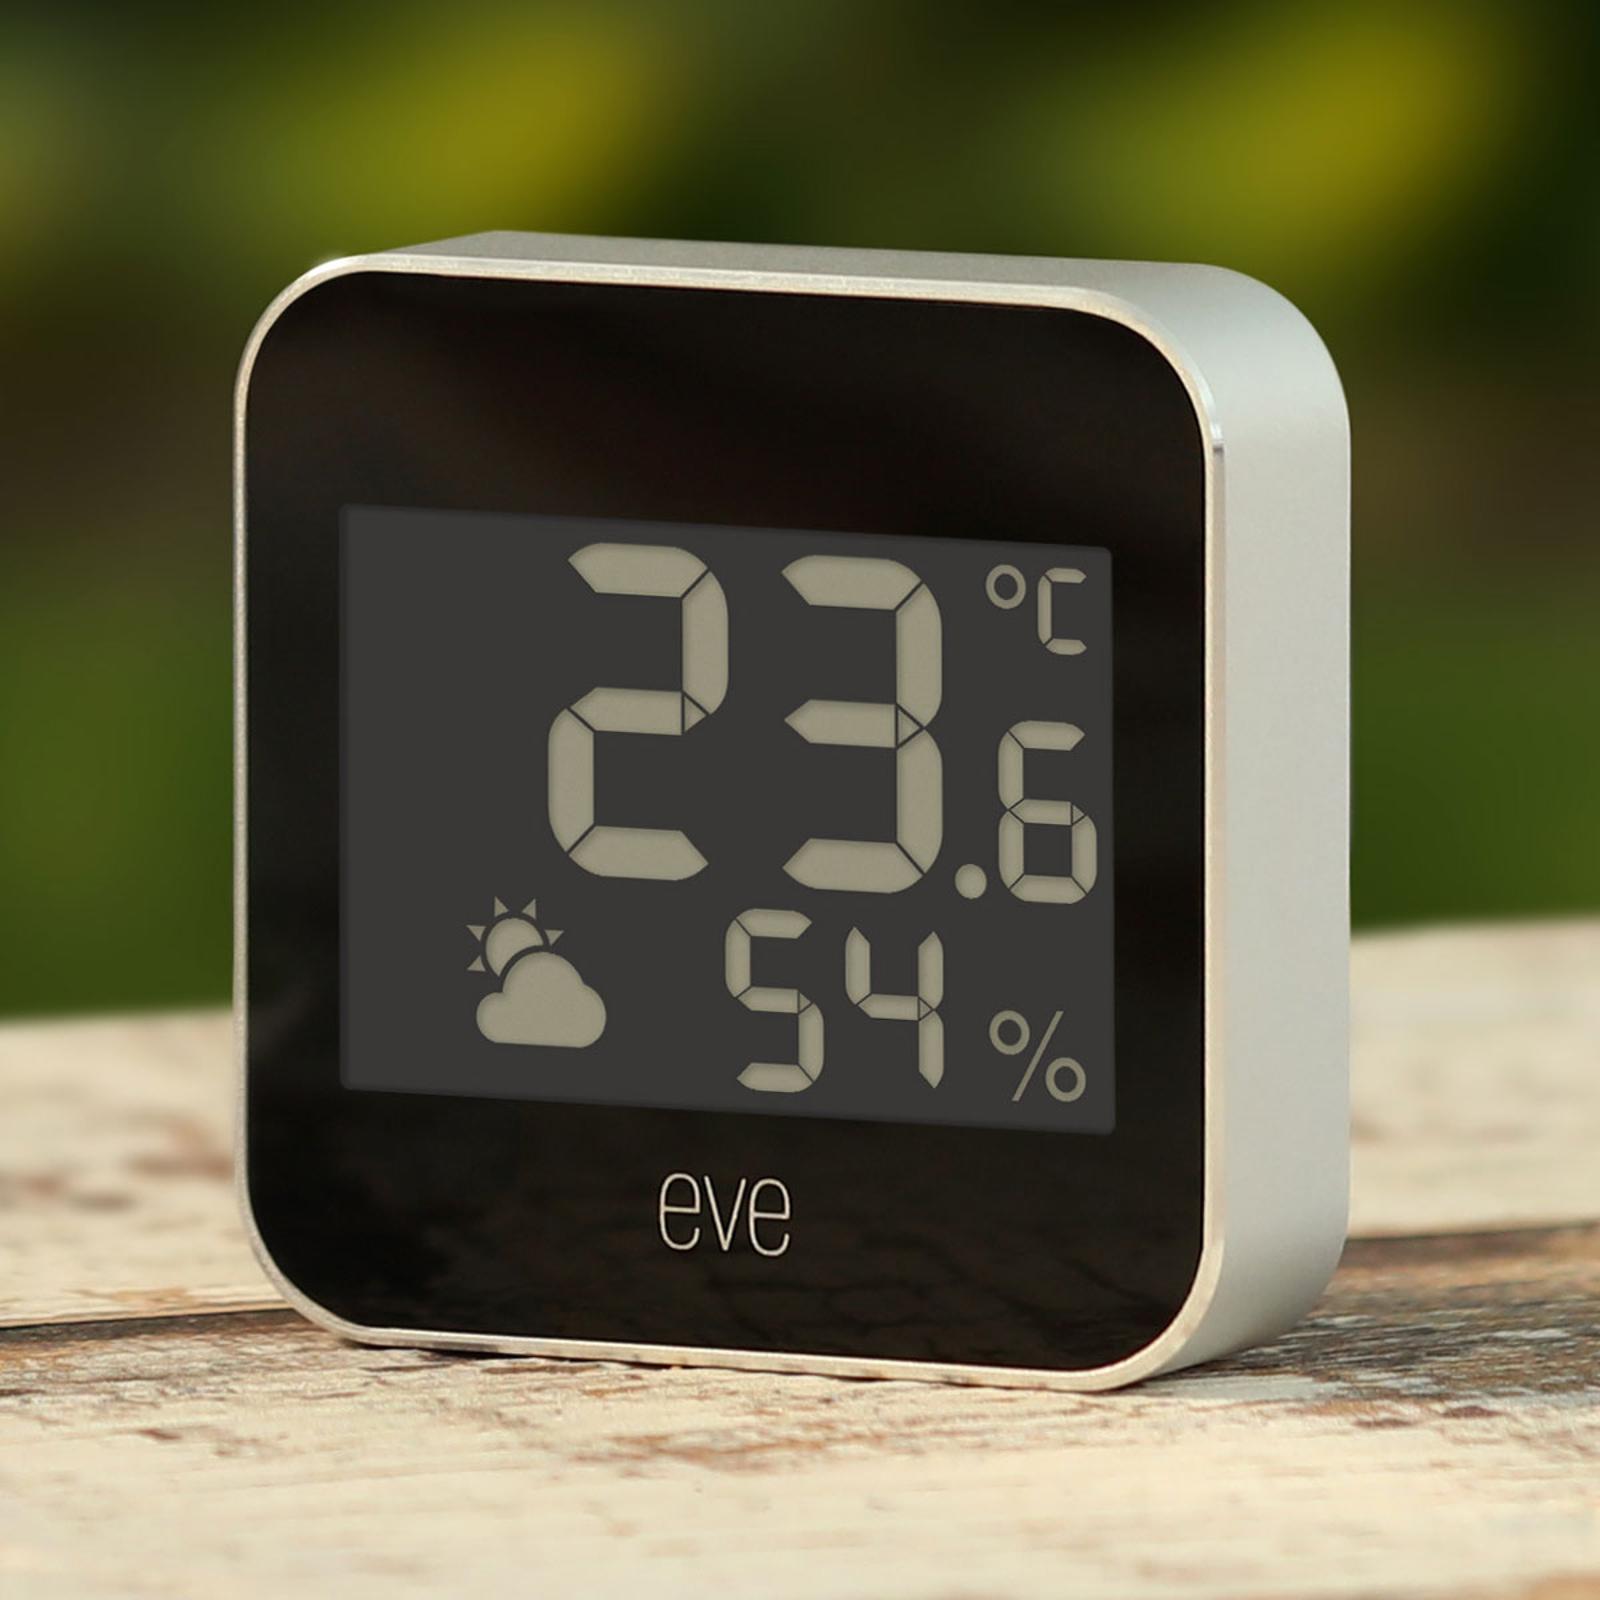 Eve Weather Smart Home estación clima, Thread